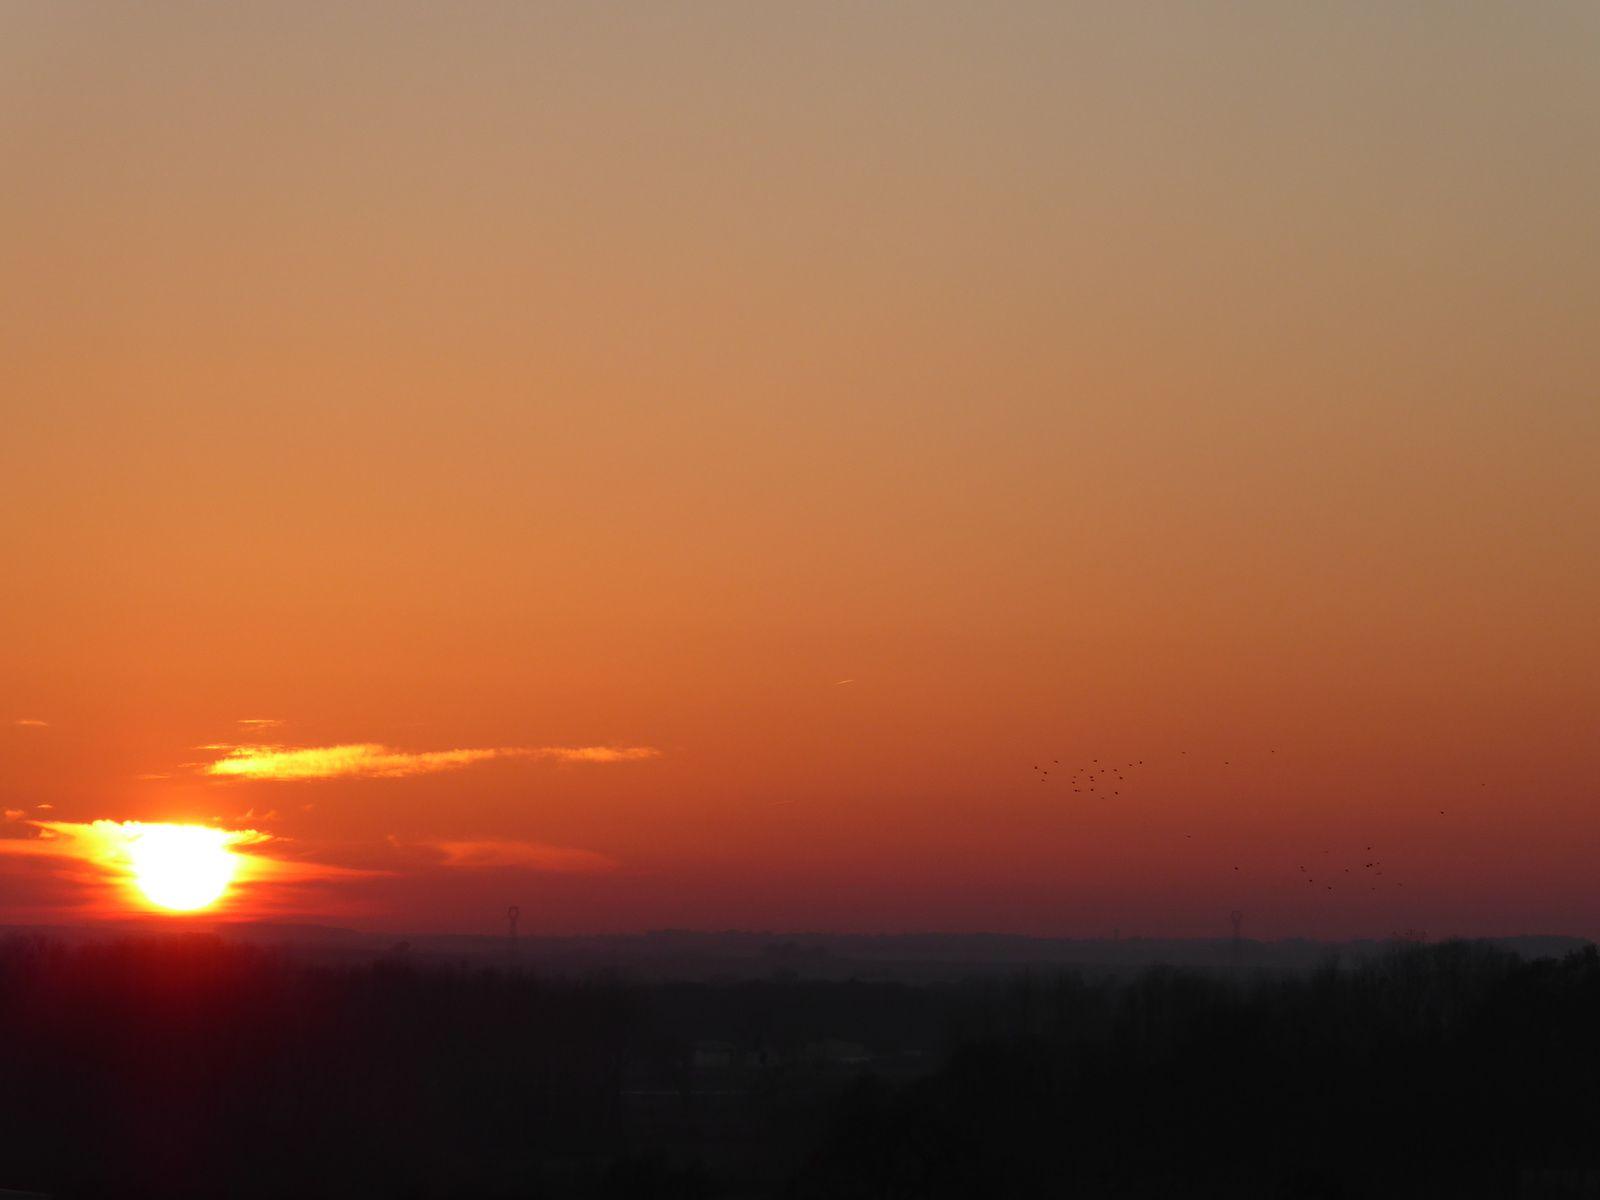 Le soleil a RDV avec la lune...